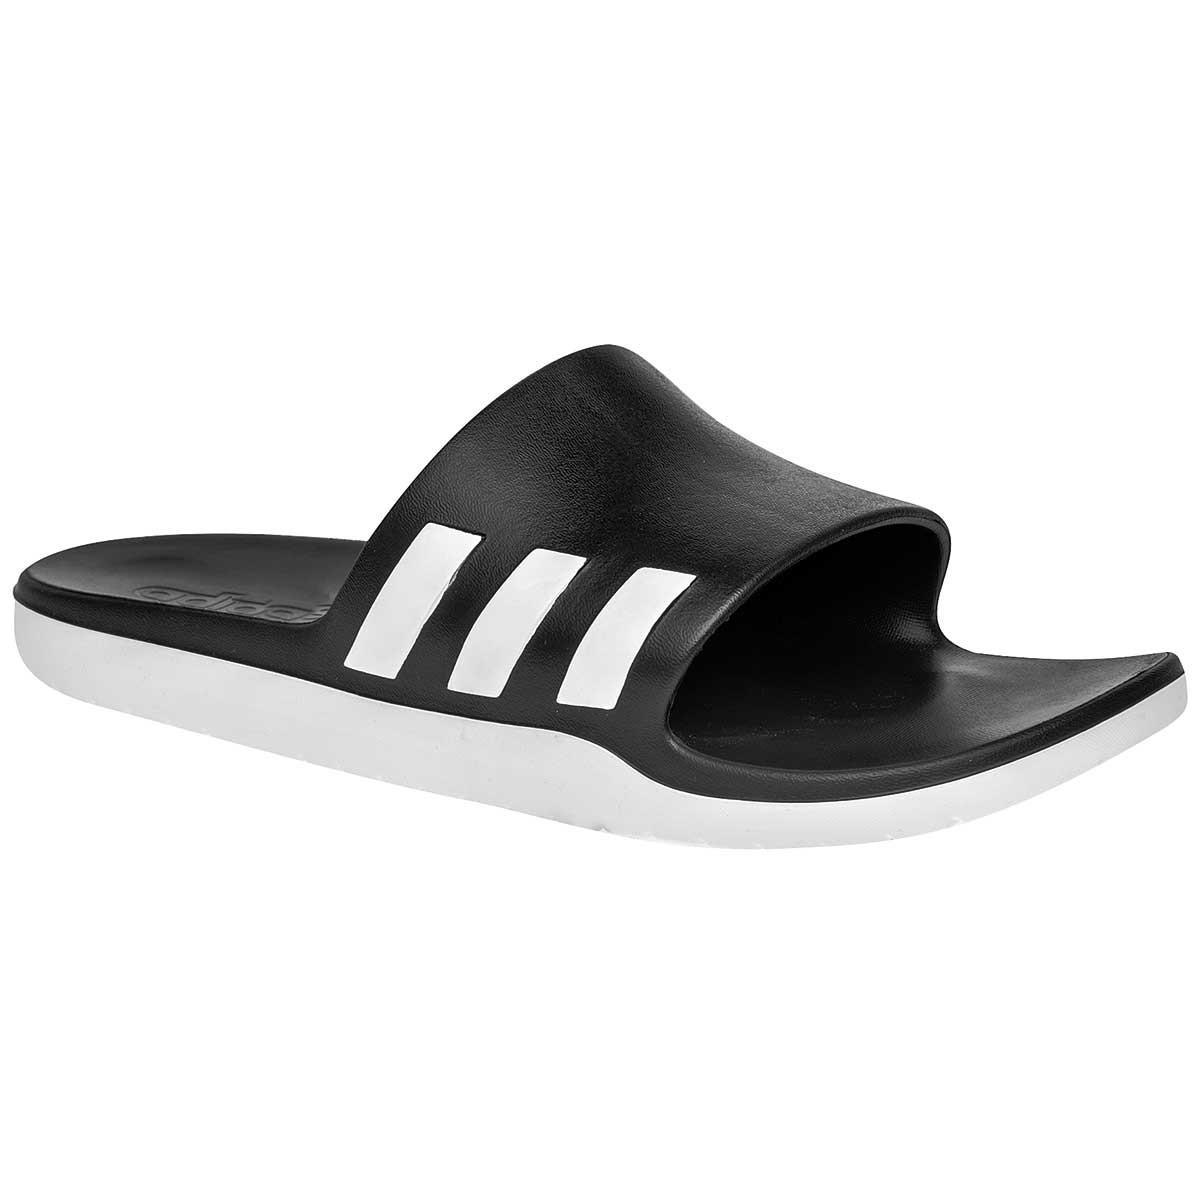 online store caf7b fdde4 Lyst - adidas Aqualette Cloudfoam Slides in Black for Men